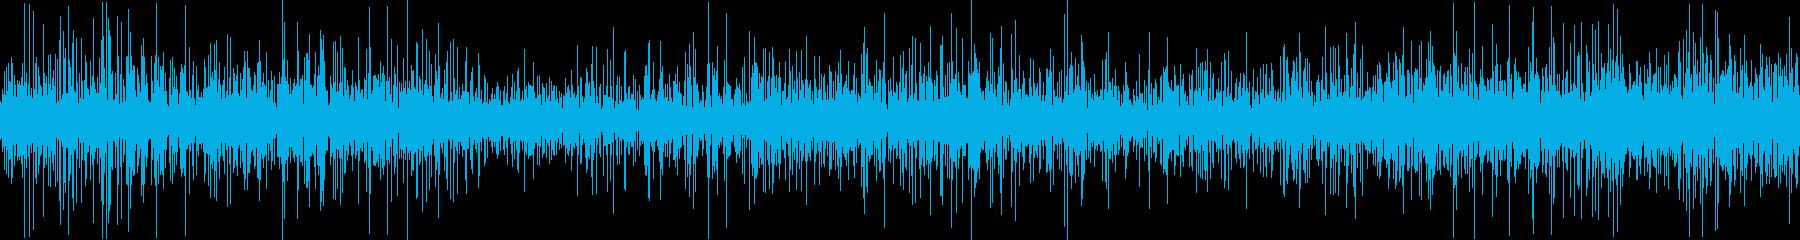 雨音(傘の下、近接、ループ可)雷鳴ありの再生済みの波形